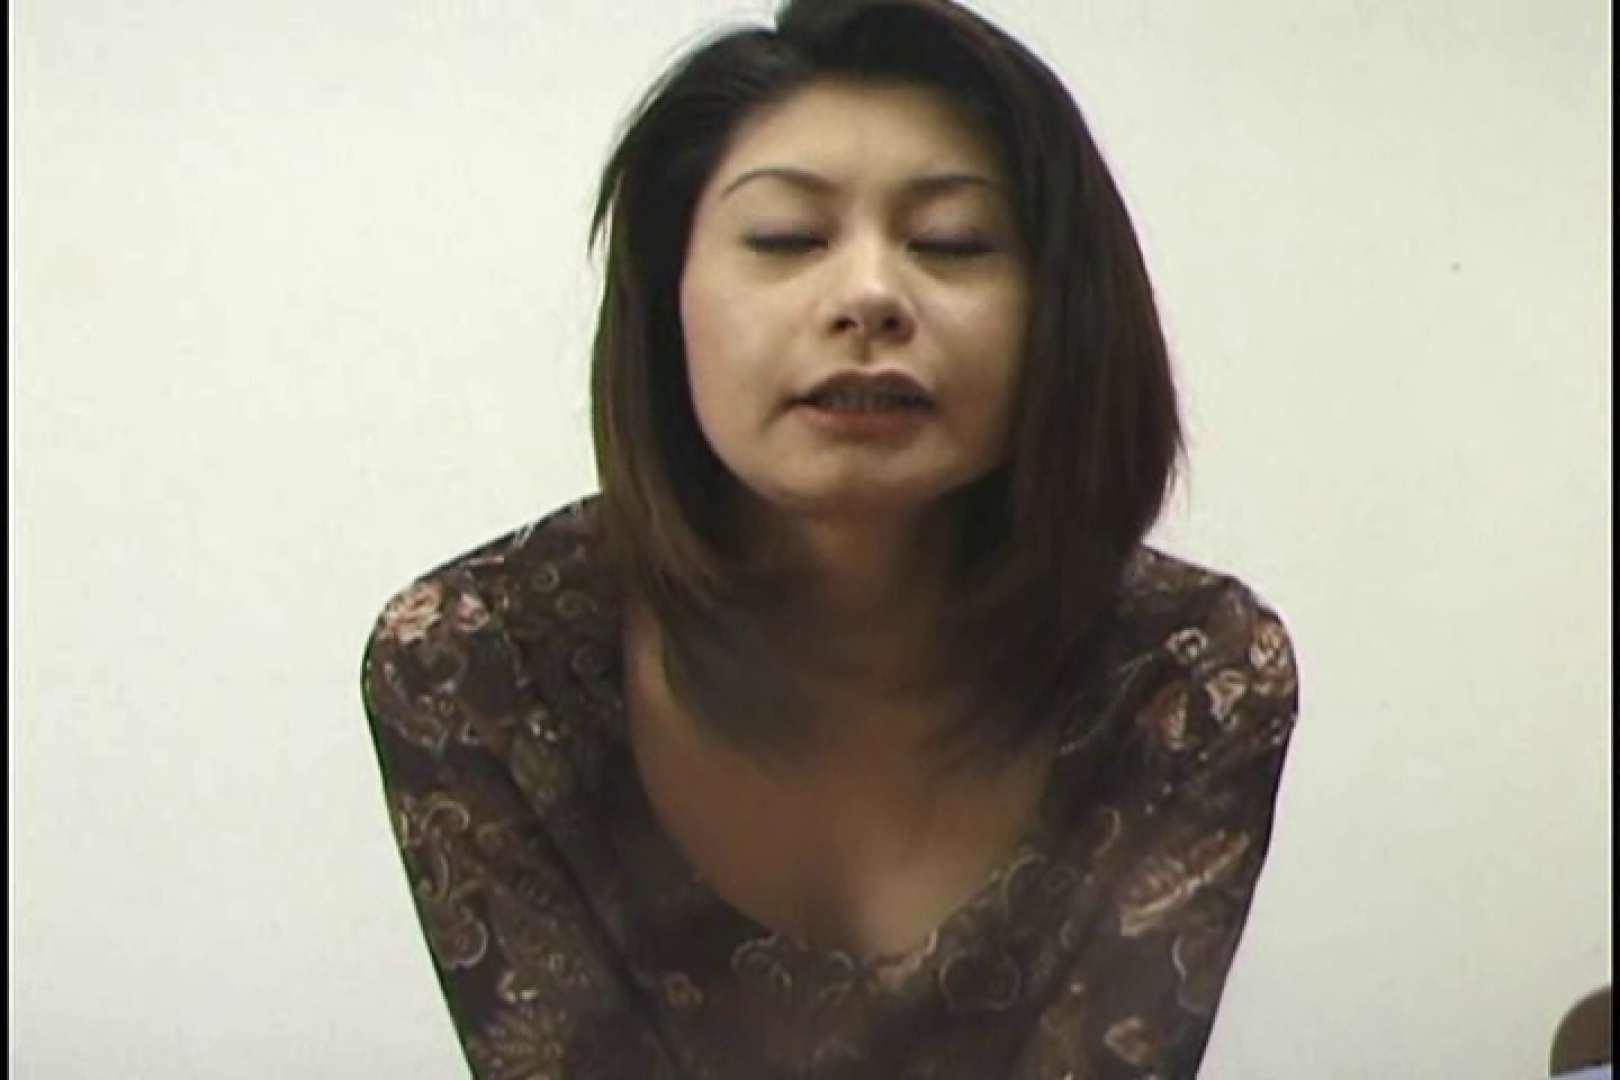 素人嬢126人のハメ撮り 清川百合 素人流出動画 盗撮画像 74枚 18